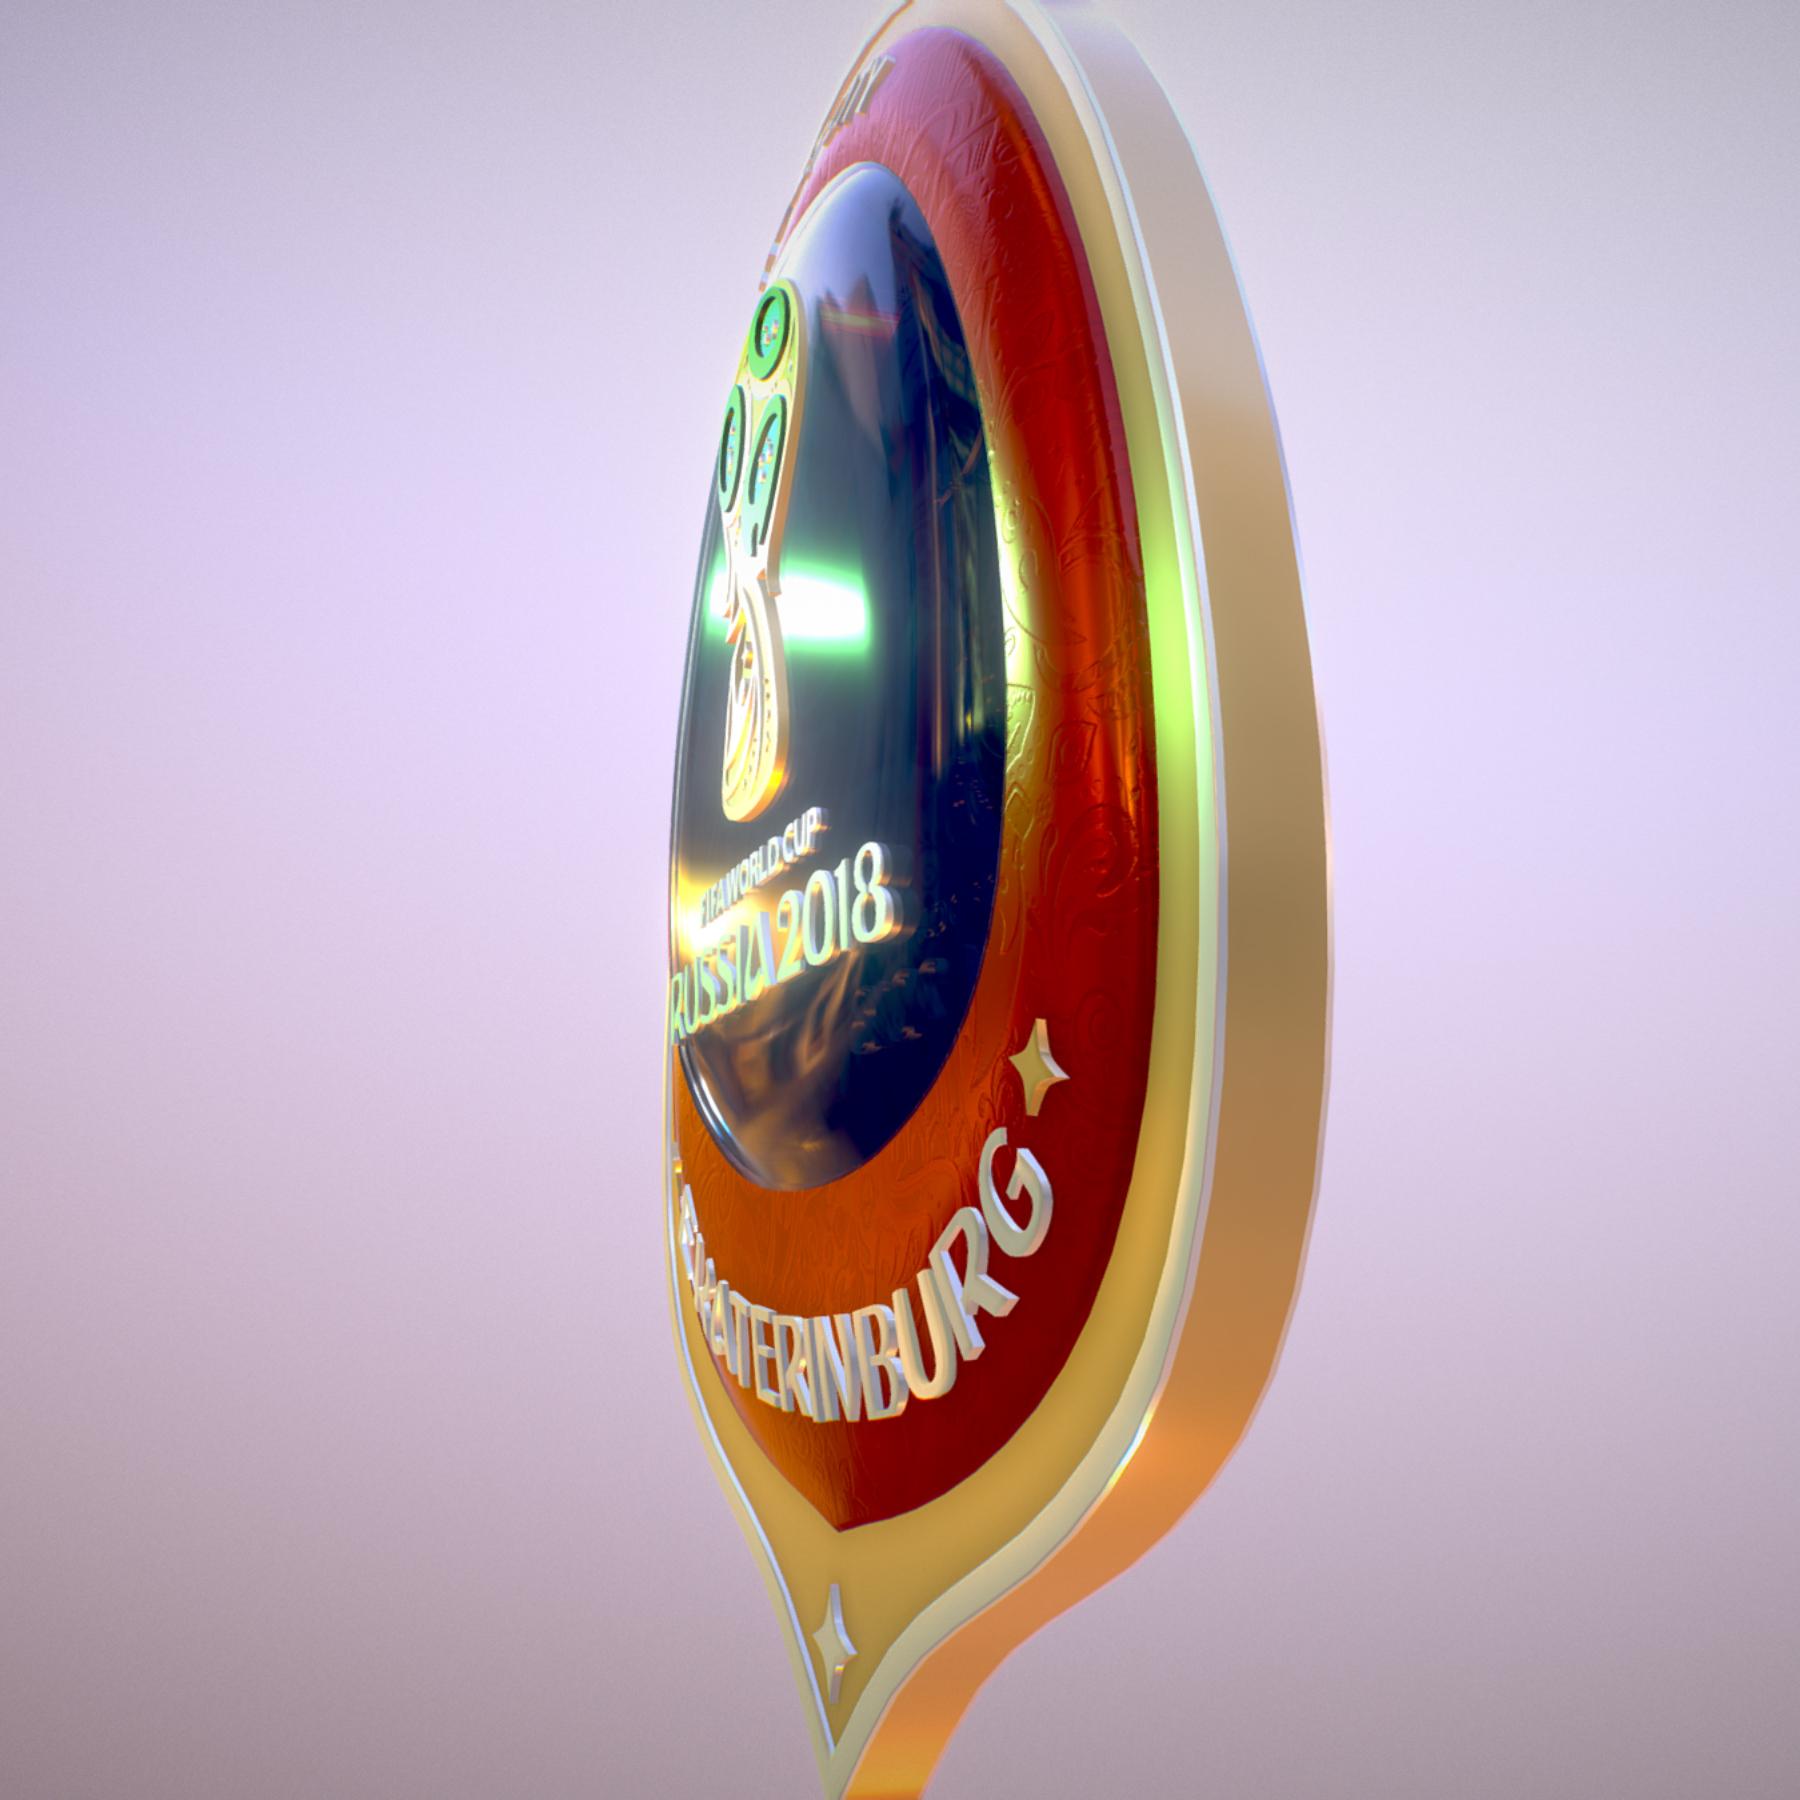 ekaterinburg city world cup russia 2018 symbol 3d model max  fbx jpeg jpg ma mb obj 271736